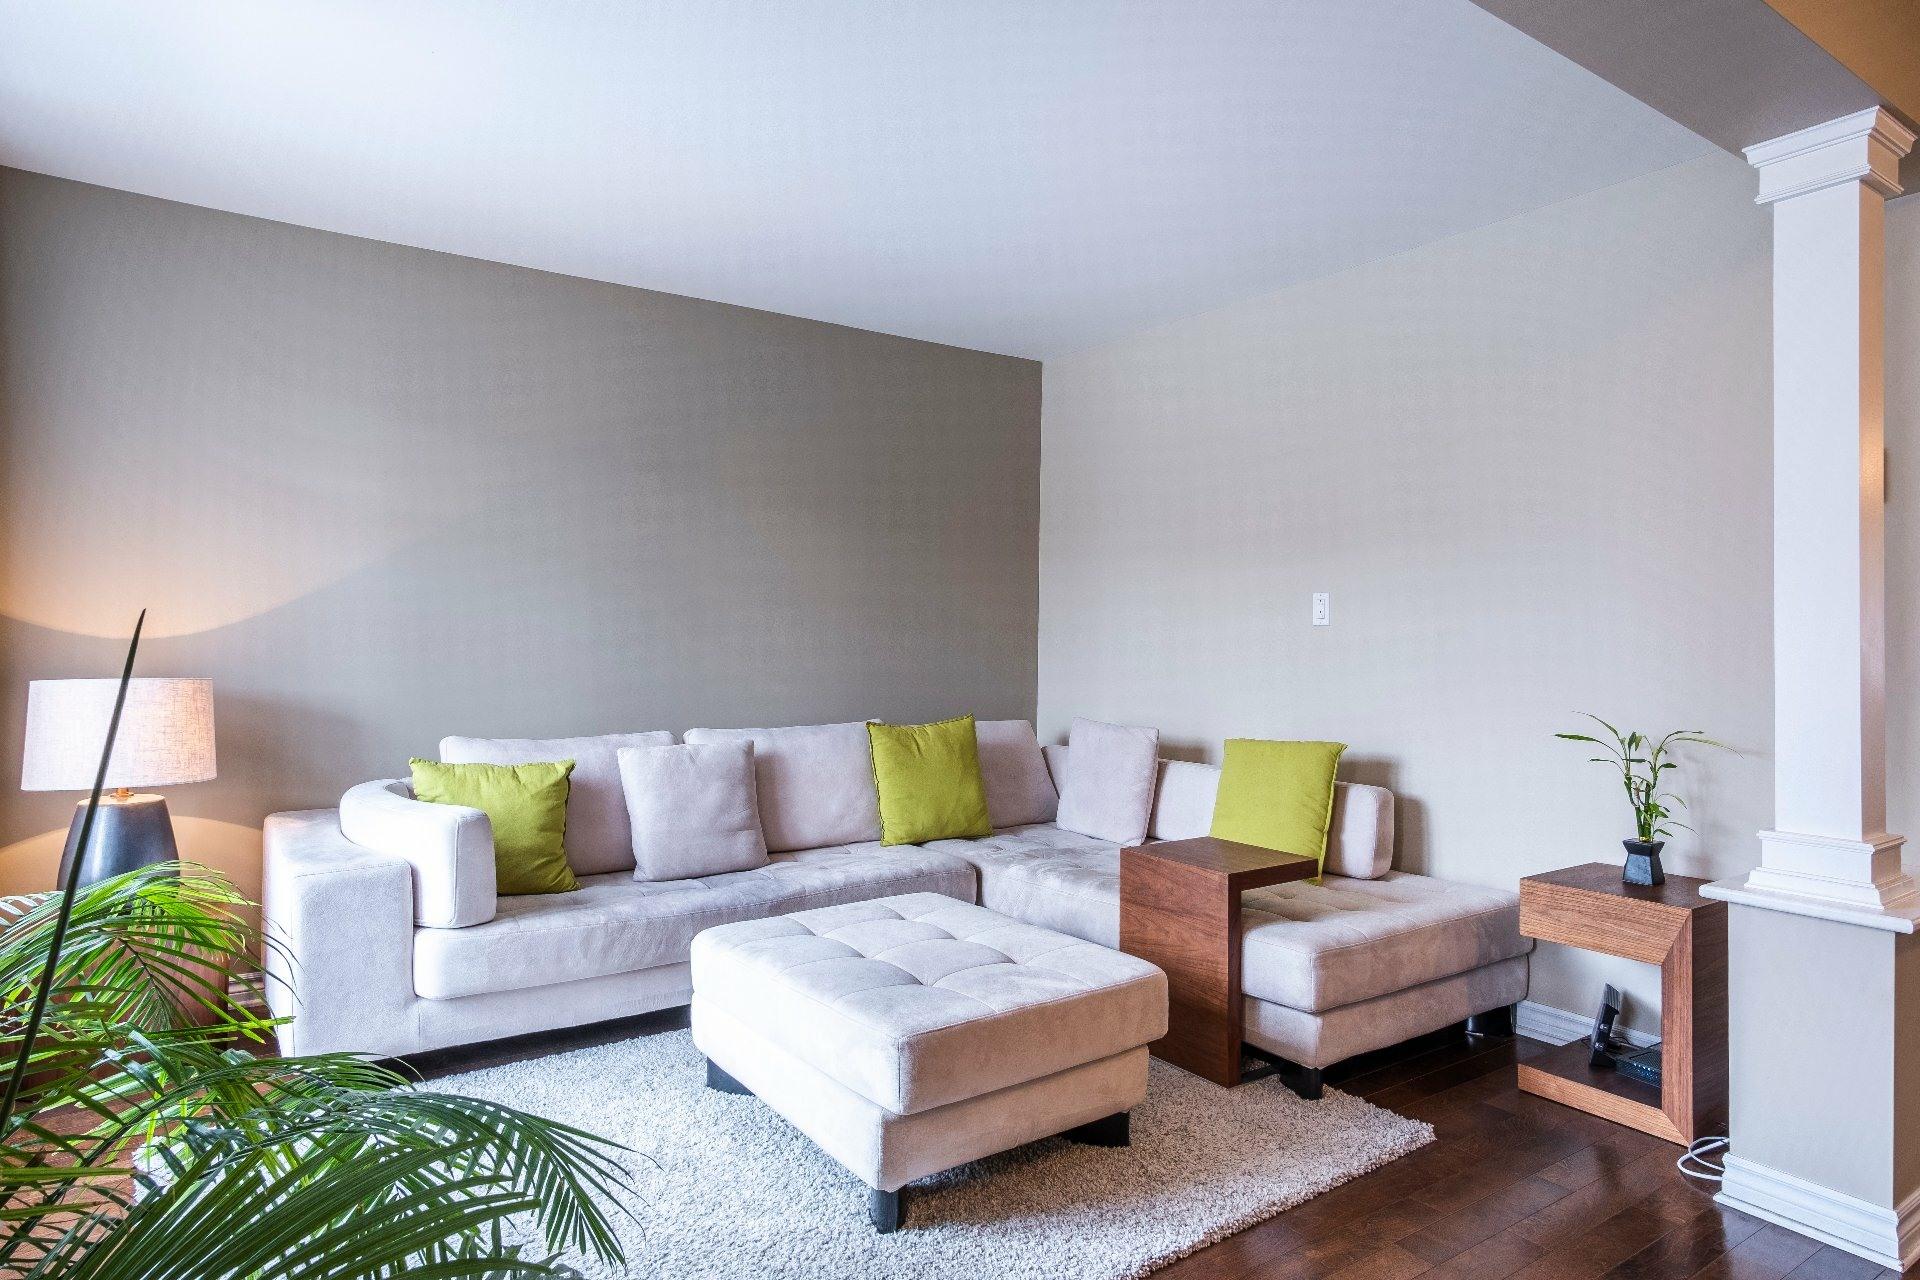 image 4 - Appartement À vendre Lachine Montréal  - 9 pièces